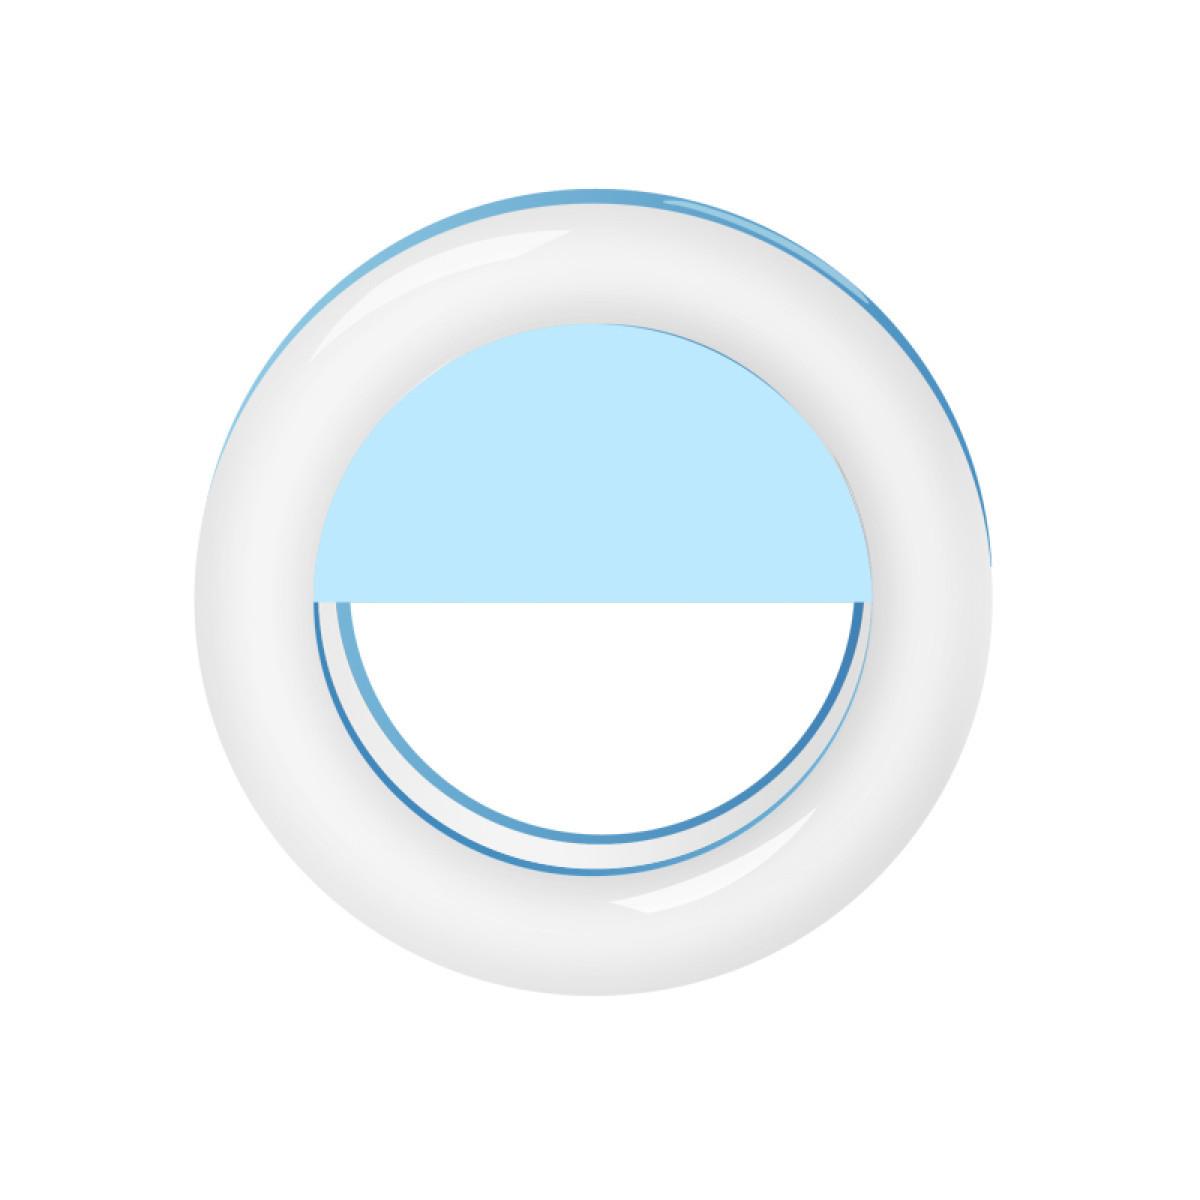 Селфи-вспышка кольцо RGB RG-01 (Голубой)